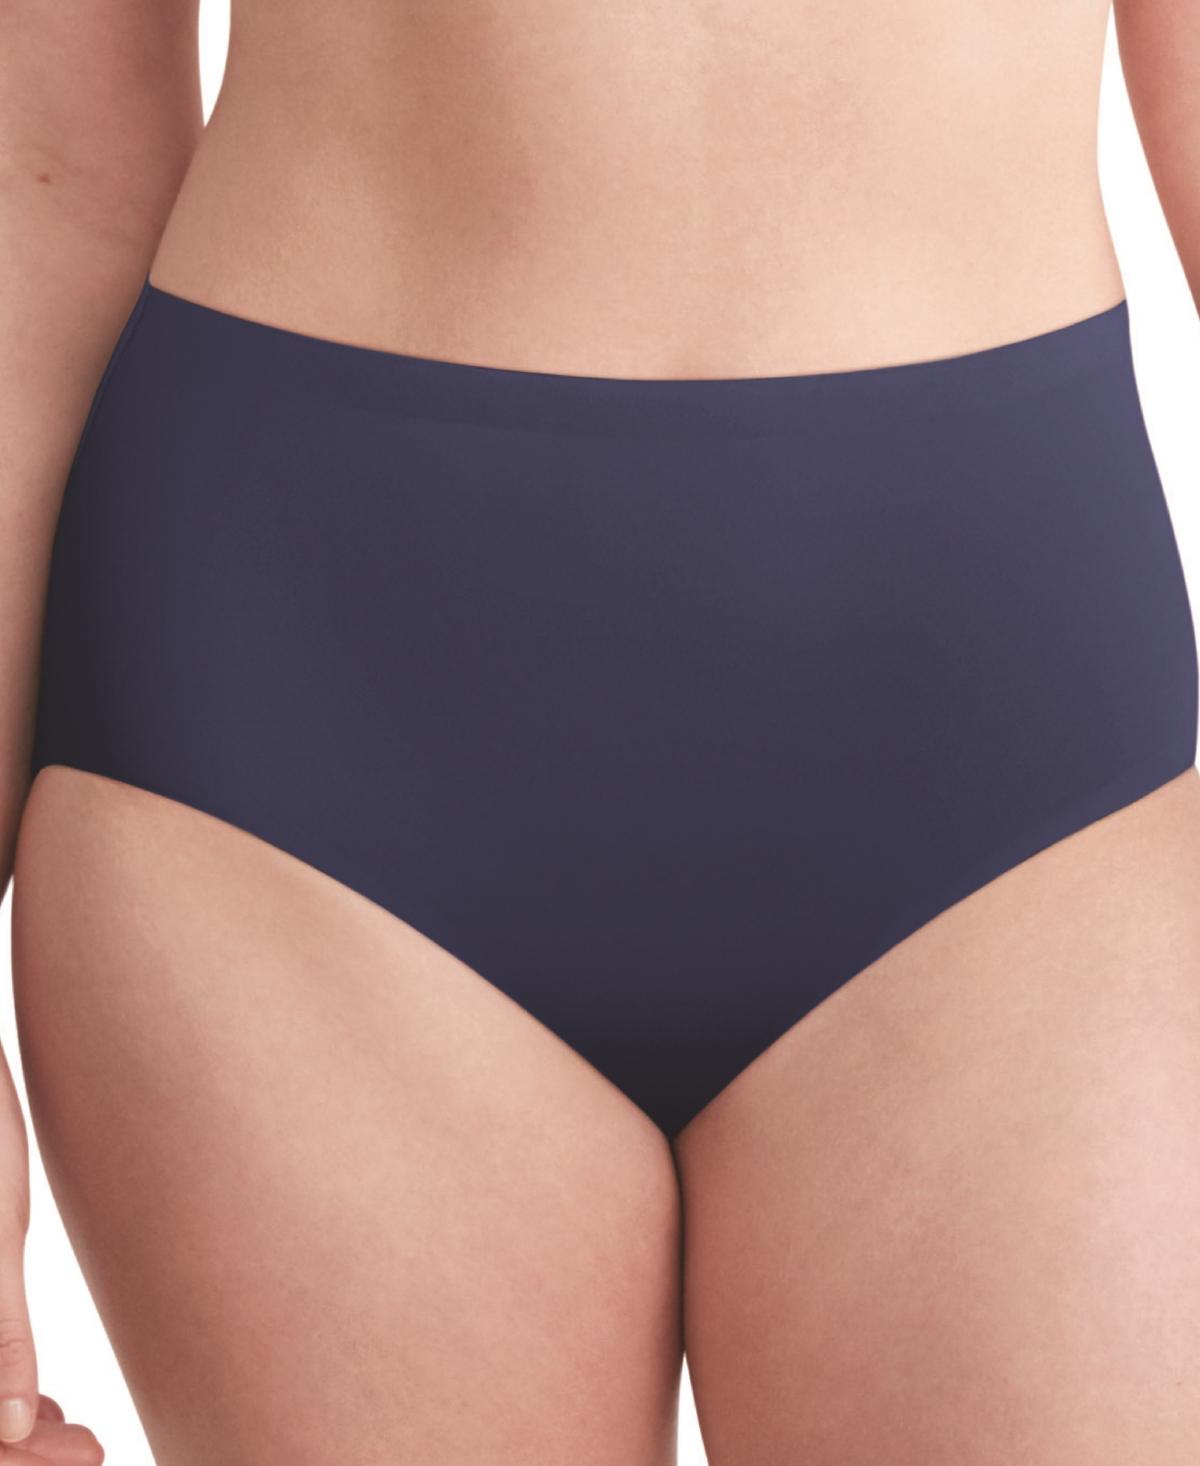 Bali Women's Comfort Revolution EasyLite Brief Underwear DFEL61